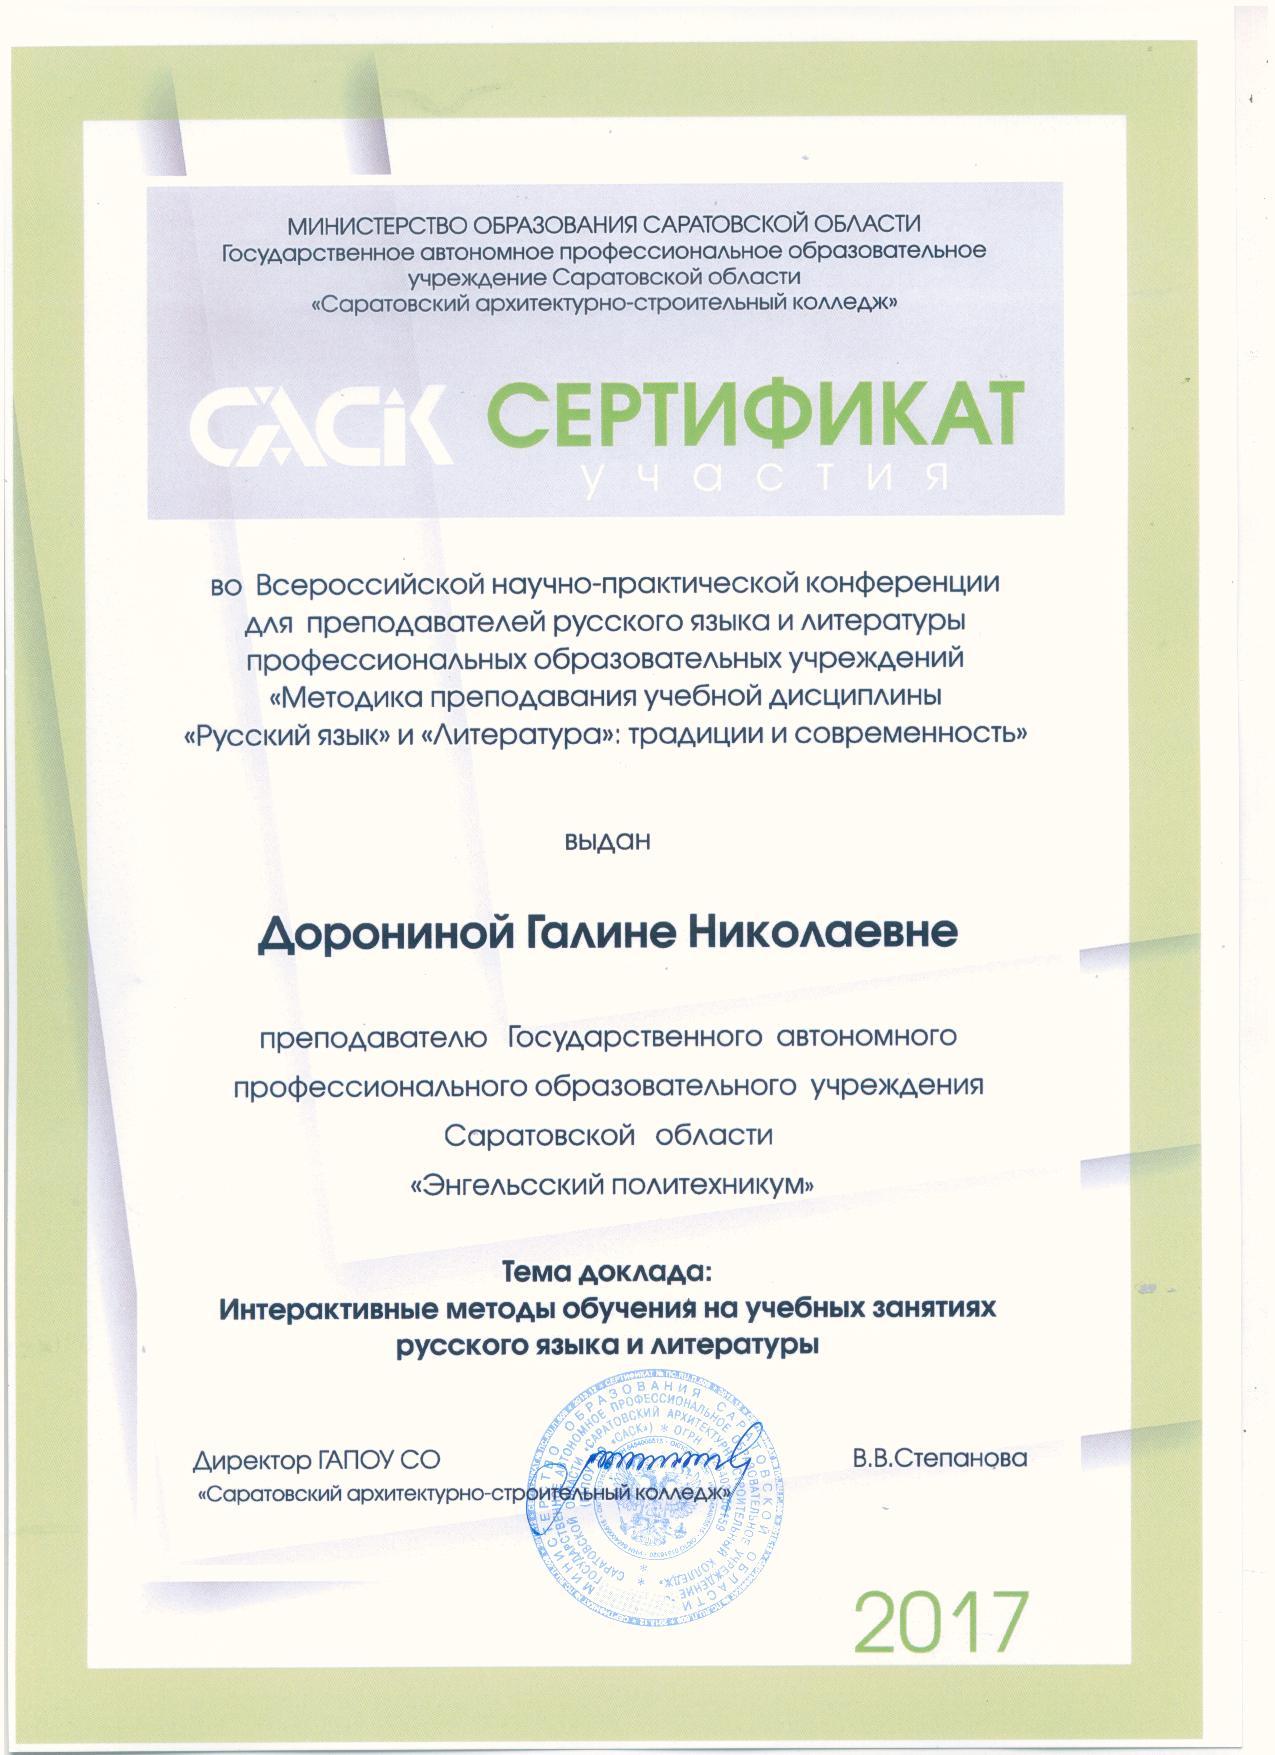 http://politehnikum-eng.ru/2017/11_02/19.jpg